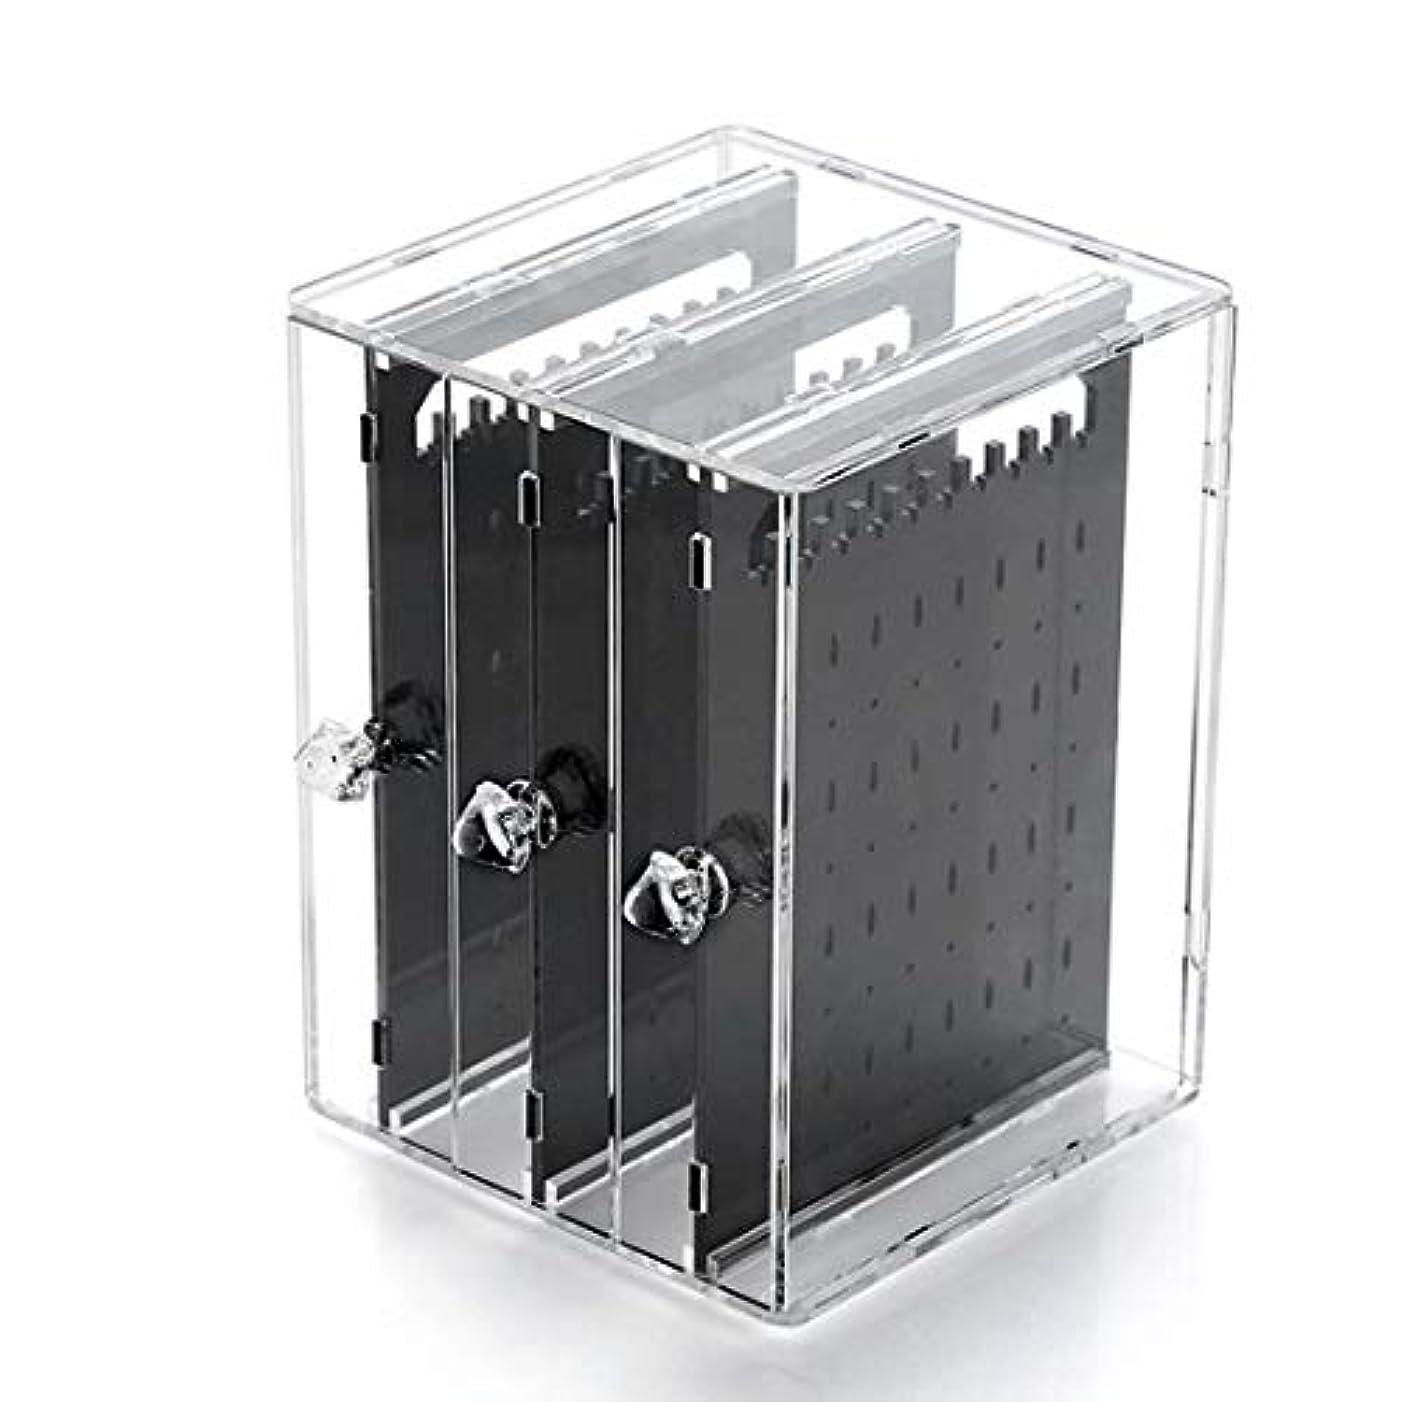 良心的一流広範囲にRyohan ピアス&イアリングスタンド ジュエリー収納 アクリル樹脂 引き出し式ピアス収納スタンド アクセサリー収納 (ブラック)